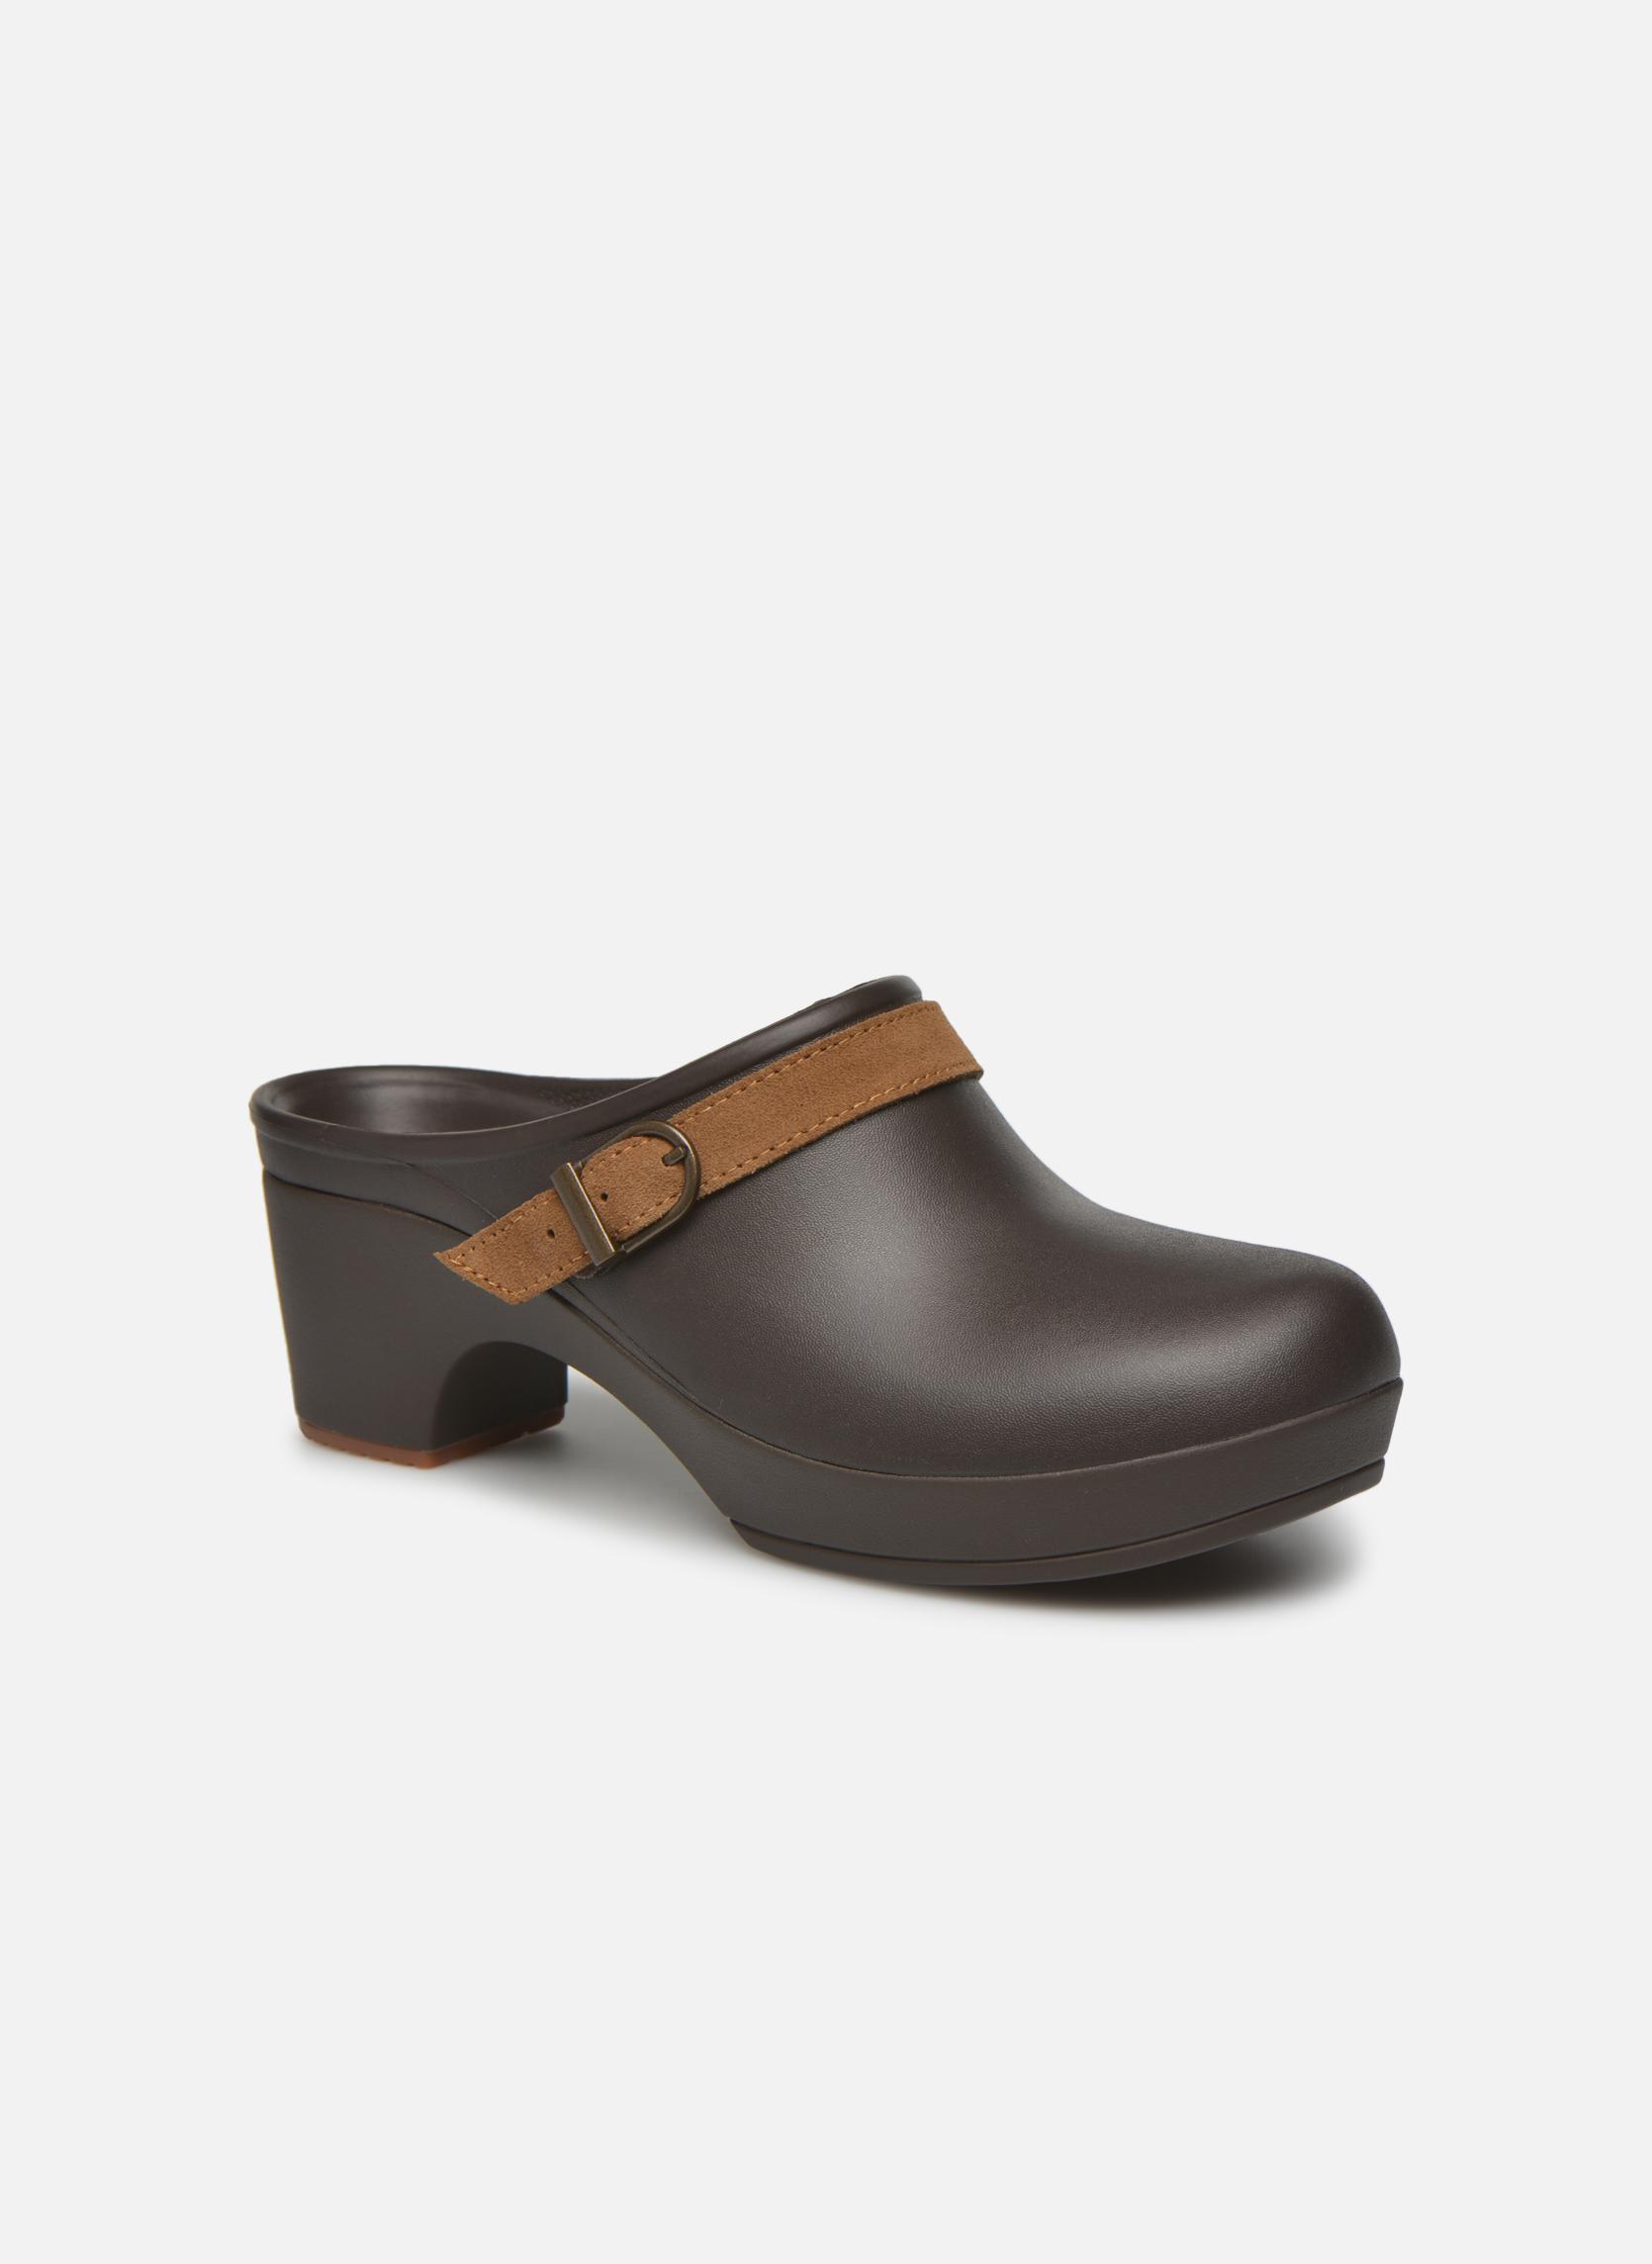 Crocs Sarah Clog